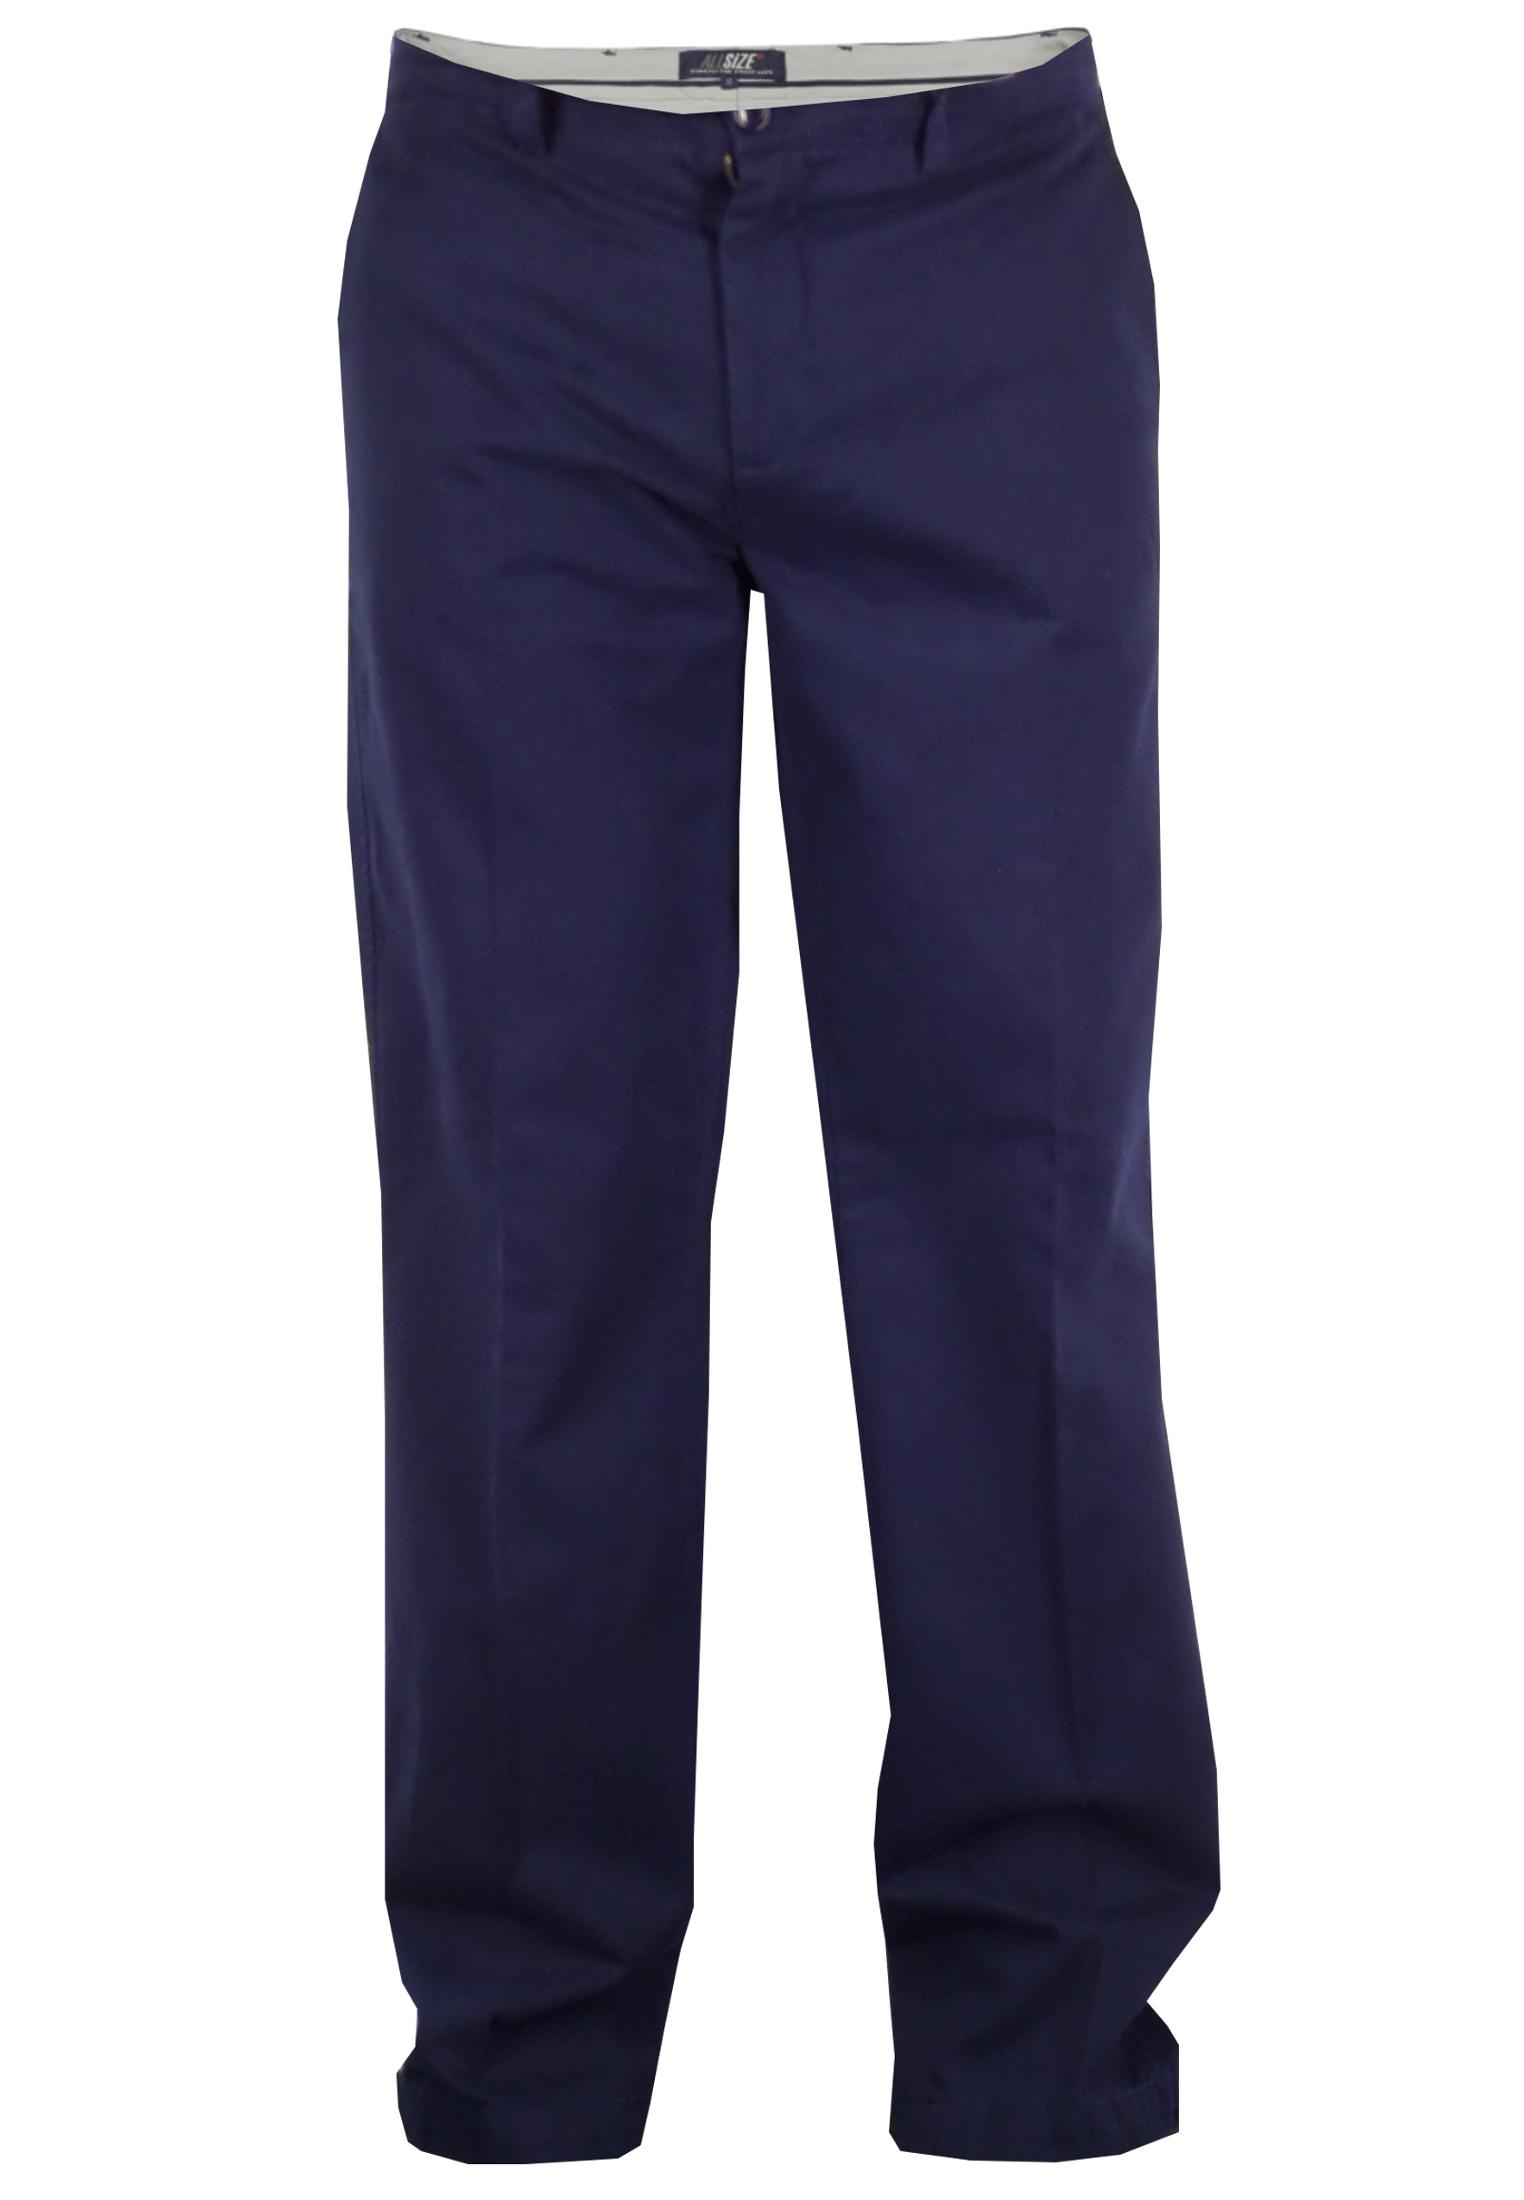 Chino met een tailleband met riem lussen, ritssluiting en knoop. 2 steekzakken voor en 2 achterzakken met knopen. Beschikbare lengte: 35 Inch